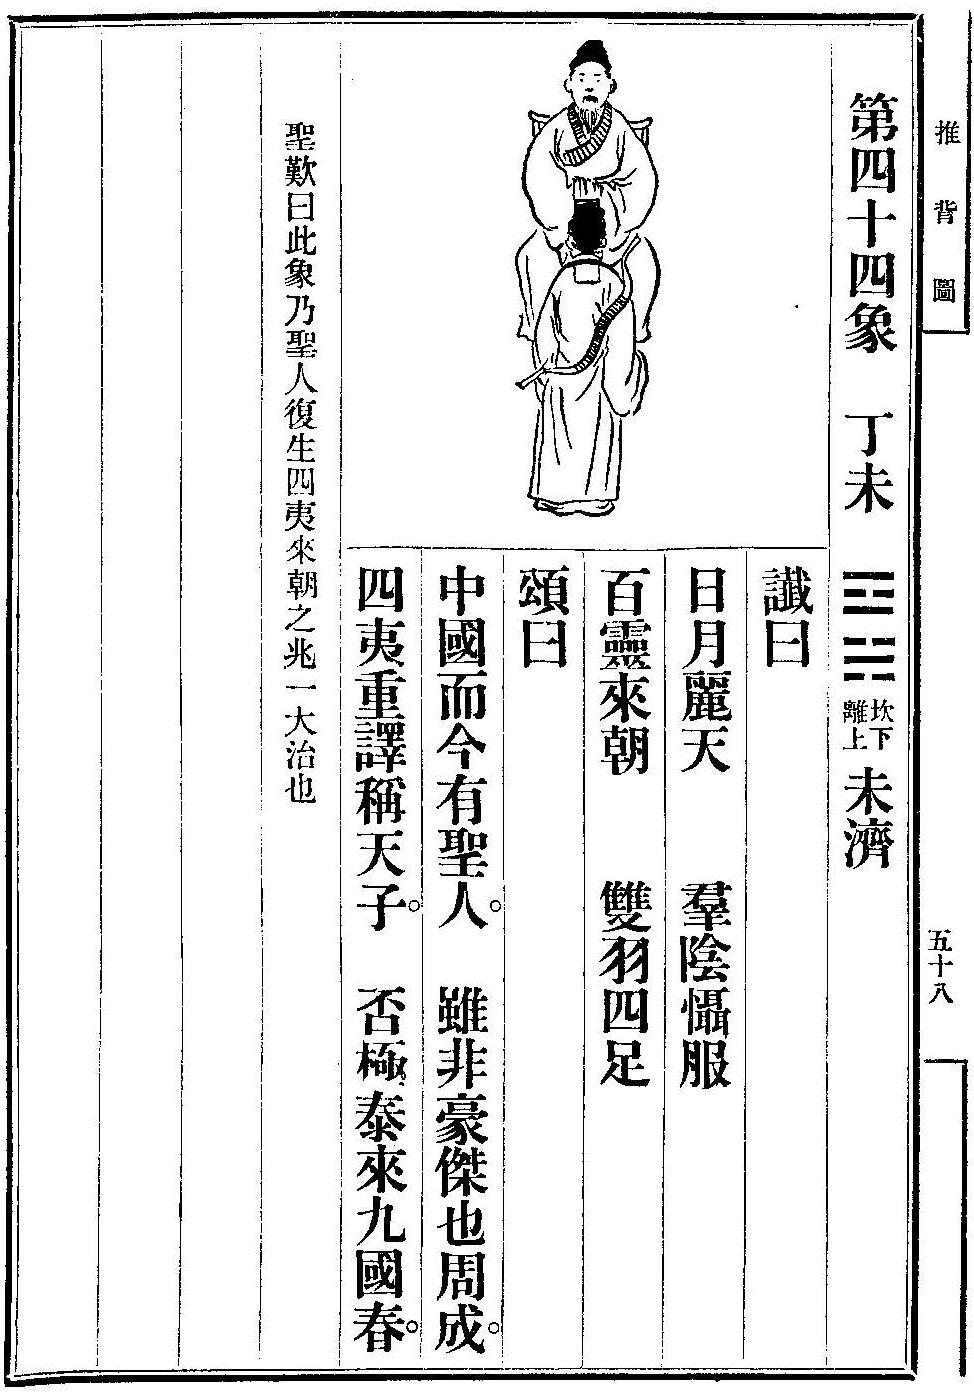 衍緣易學: 推背圖 - 第四十四/四十五象